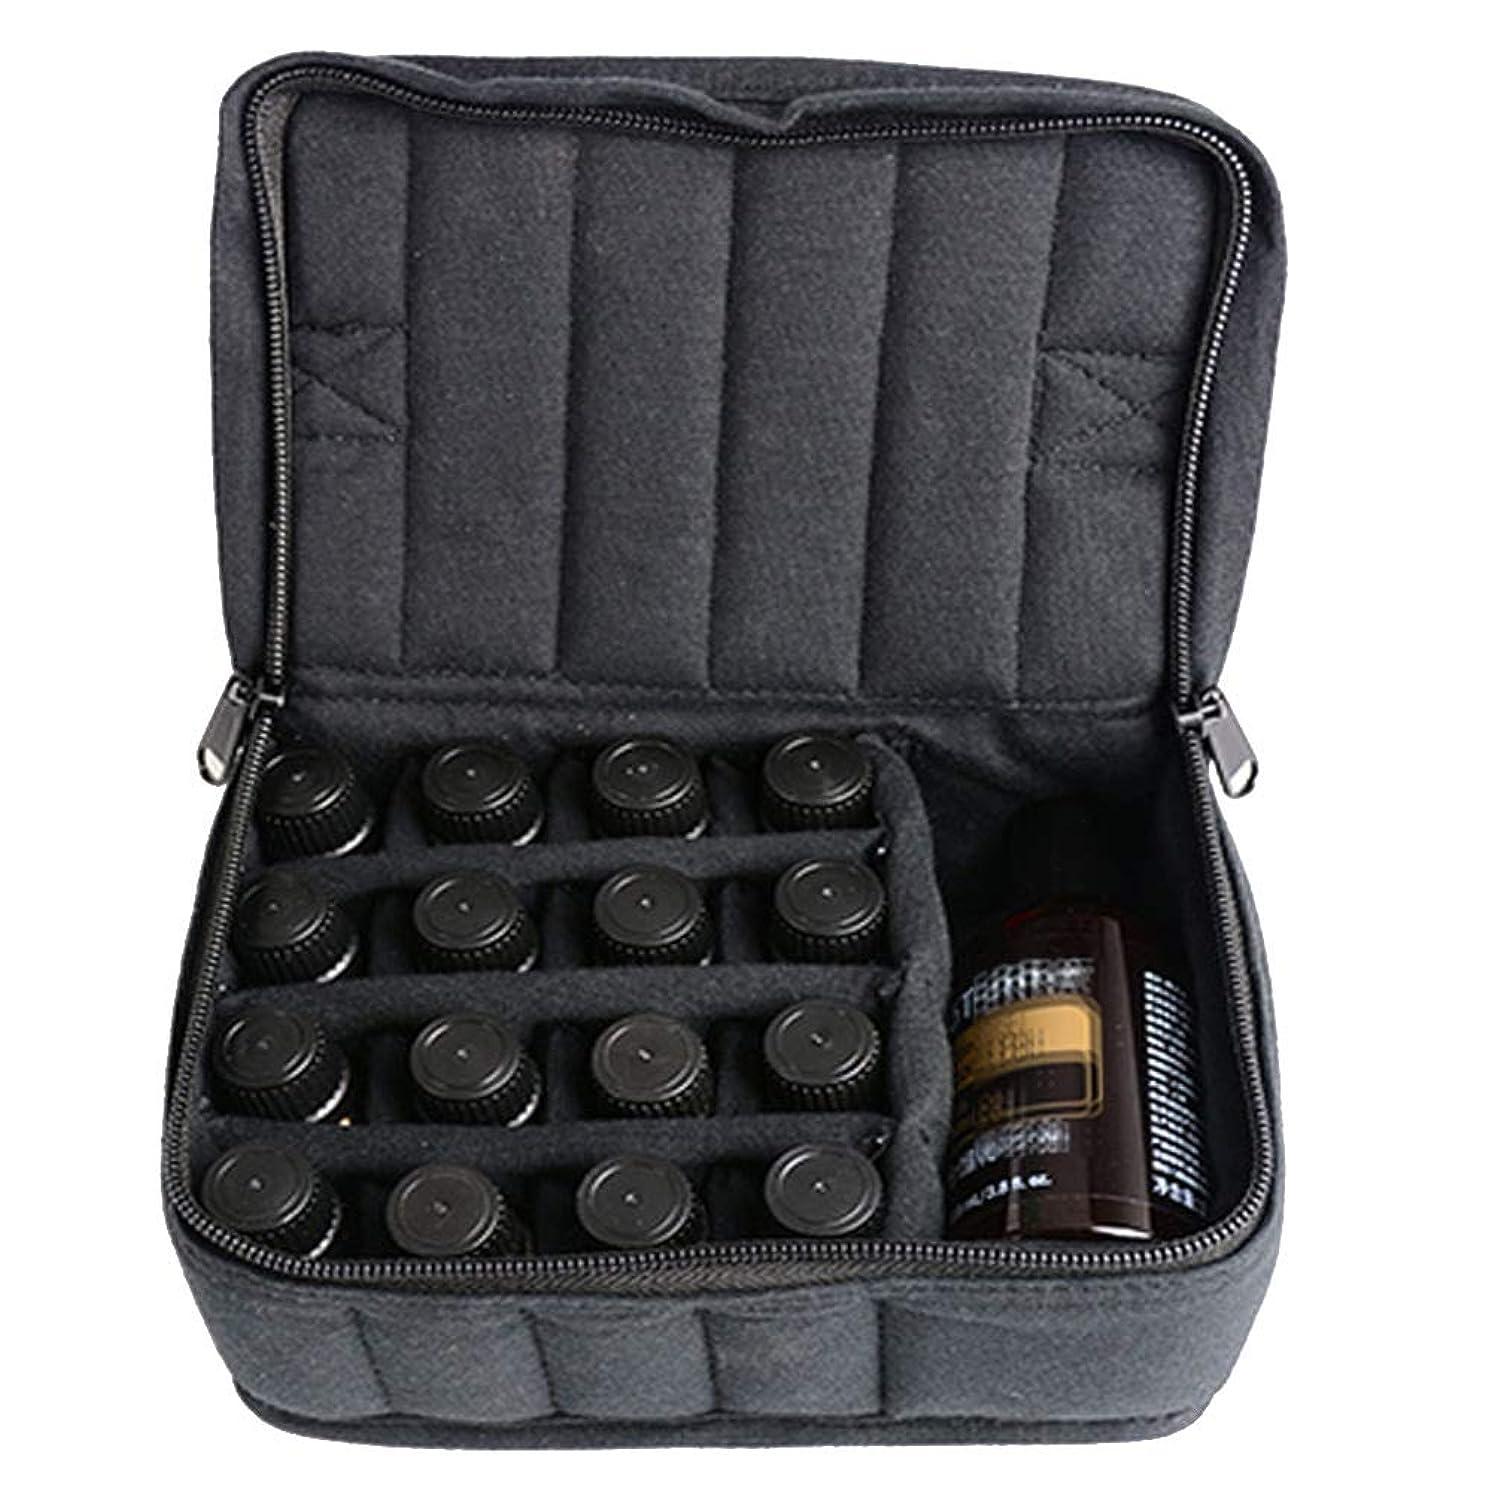 アカデミック不愉快基礎理論ソフト17本のボトル-Essentialオイルキャリングケースは、旅行のための17本のボトル5ミリリットル/ 10ミリリットル/ 15ミリリットルを開催します 香水フレグランス (色 : ブラック, サイズ : 17X14X7.5CM)